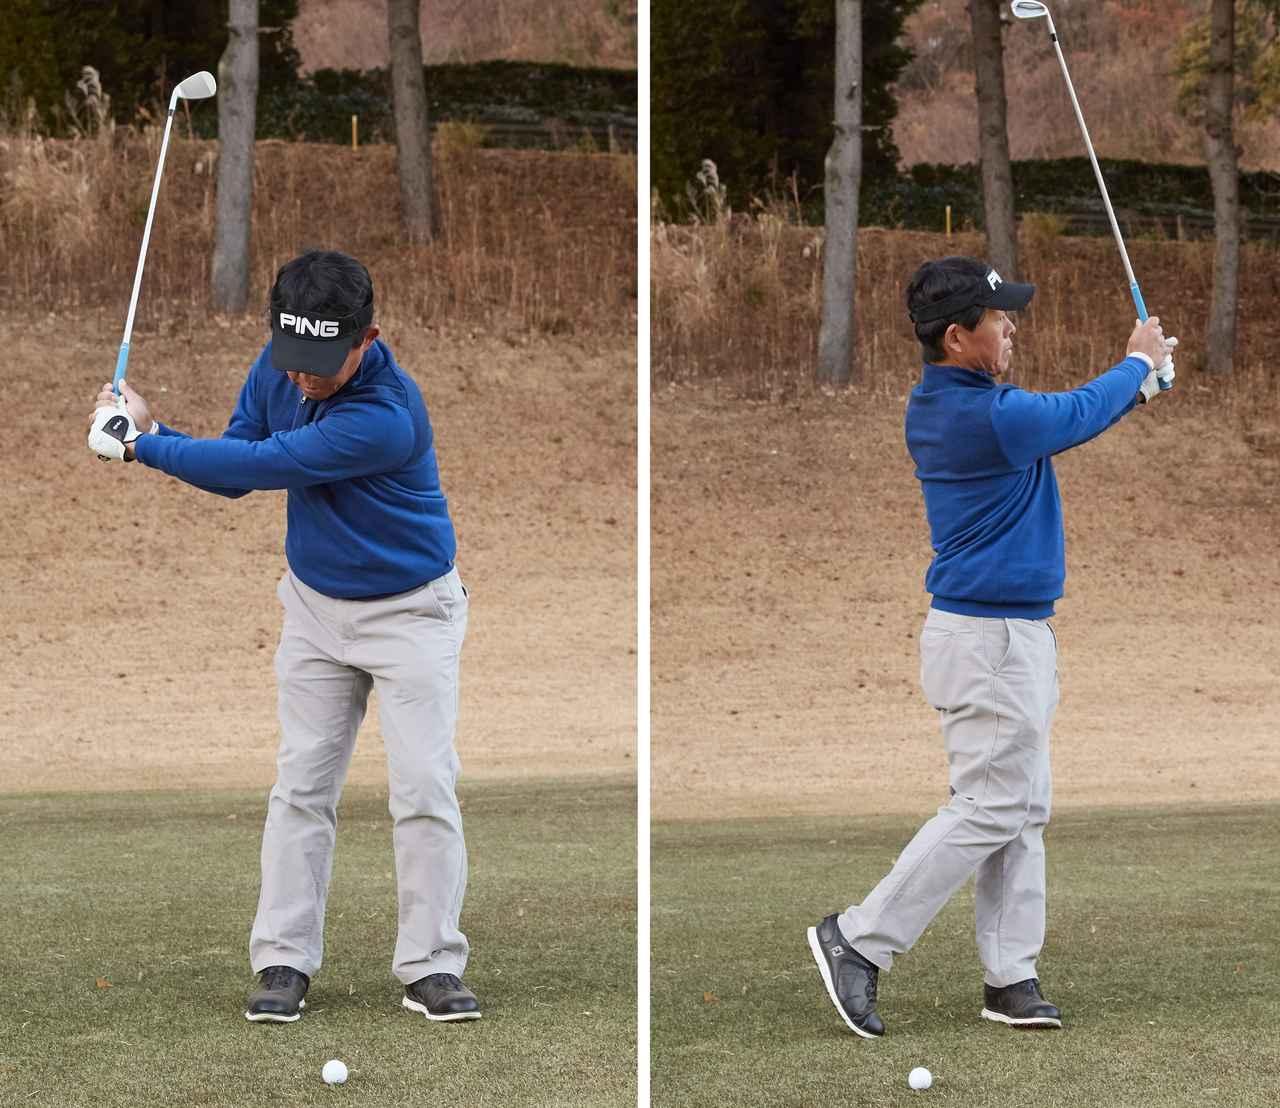 画像: あえて番手を上げて「肩から肩」くらいのスリークォーターの振り幅で打つことで、球の高さを抑え、ランの多い球が打てる